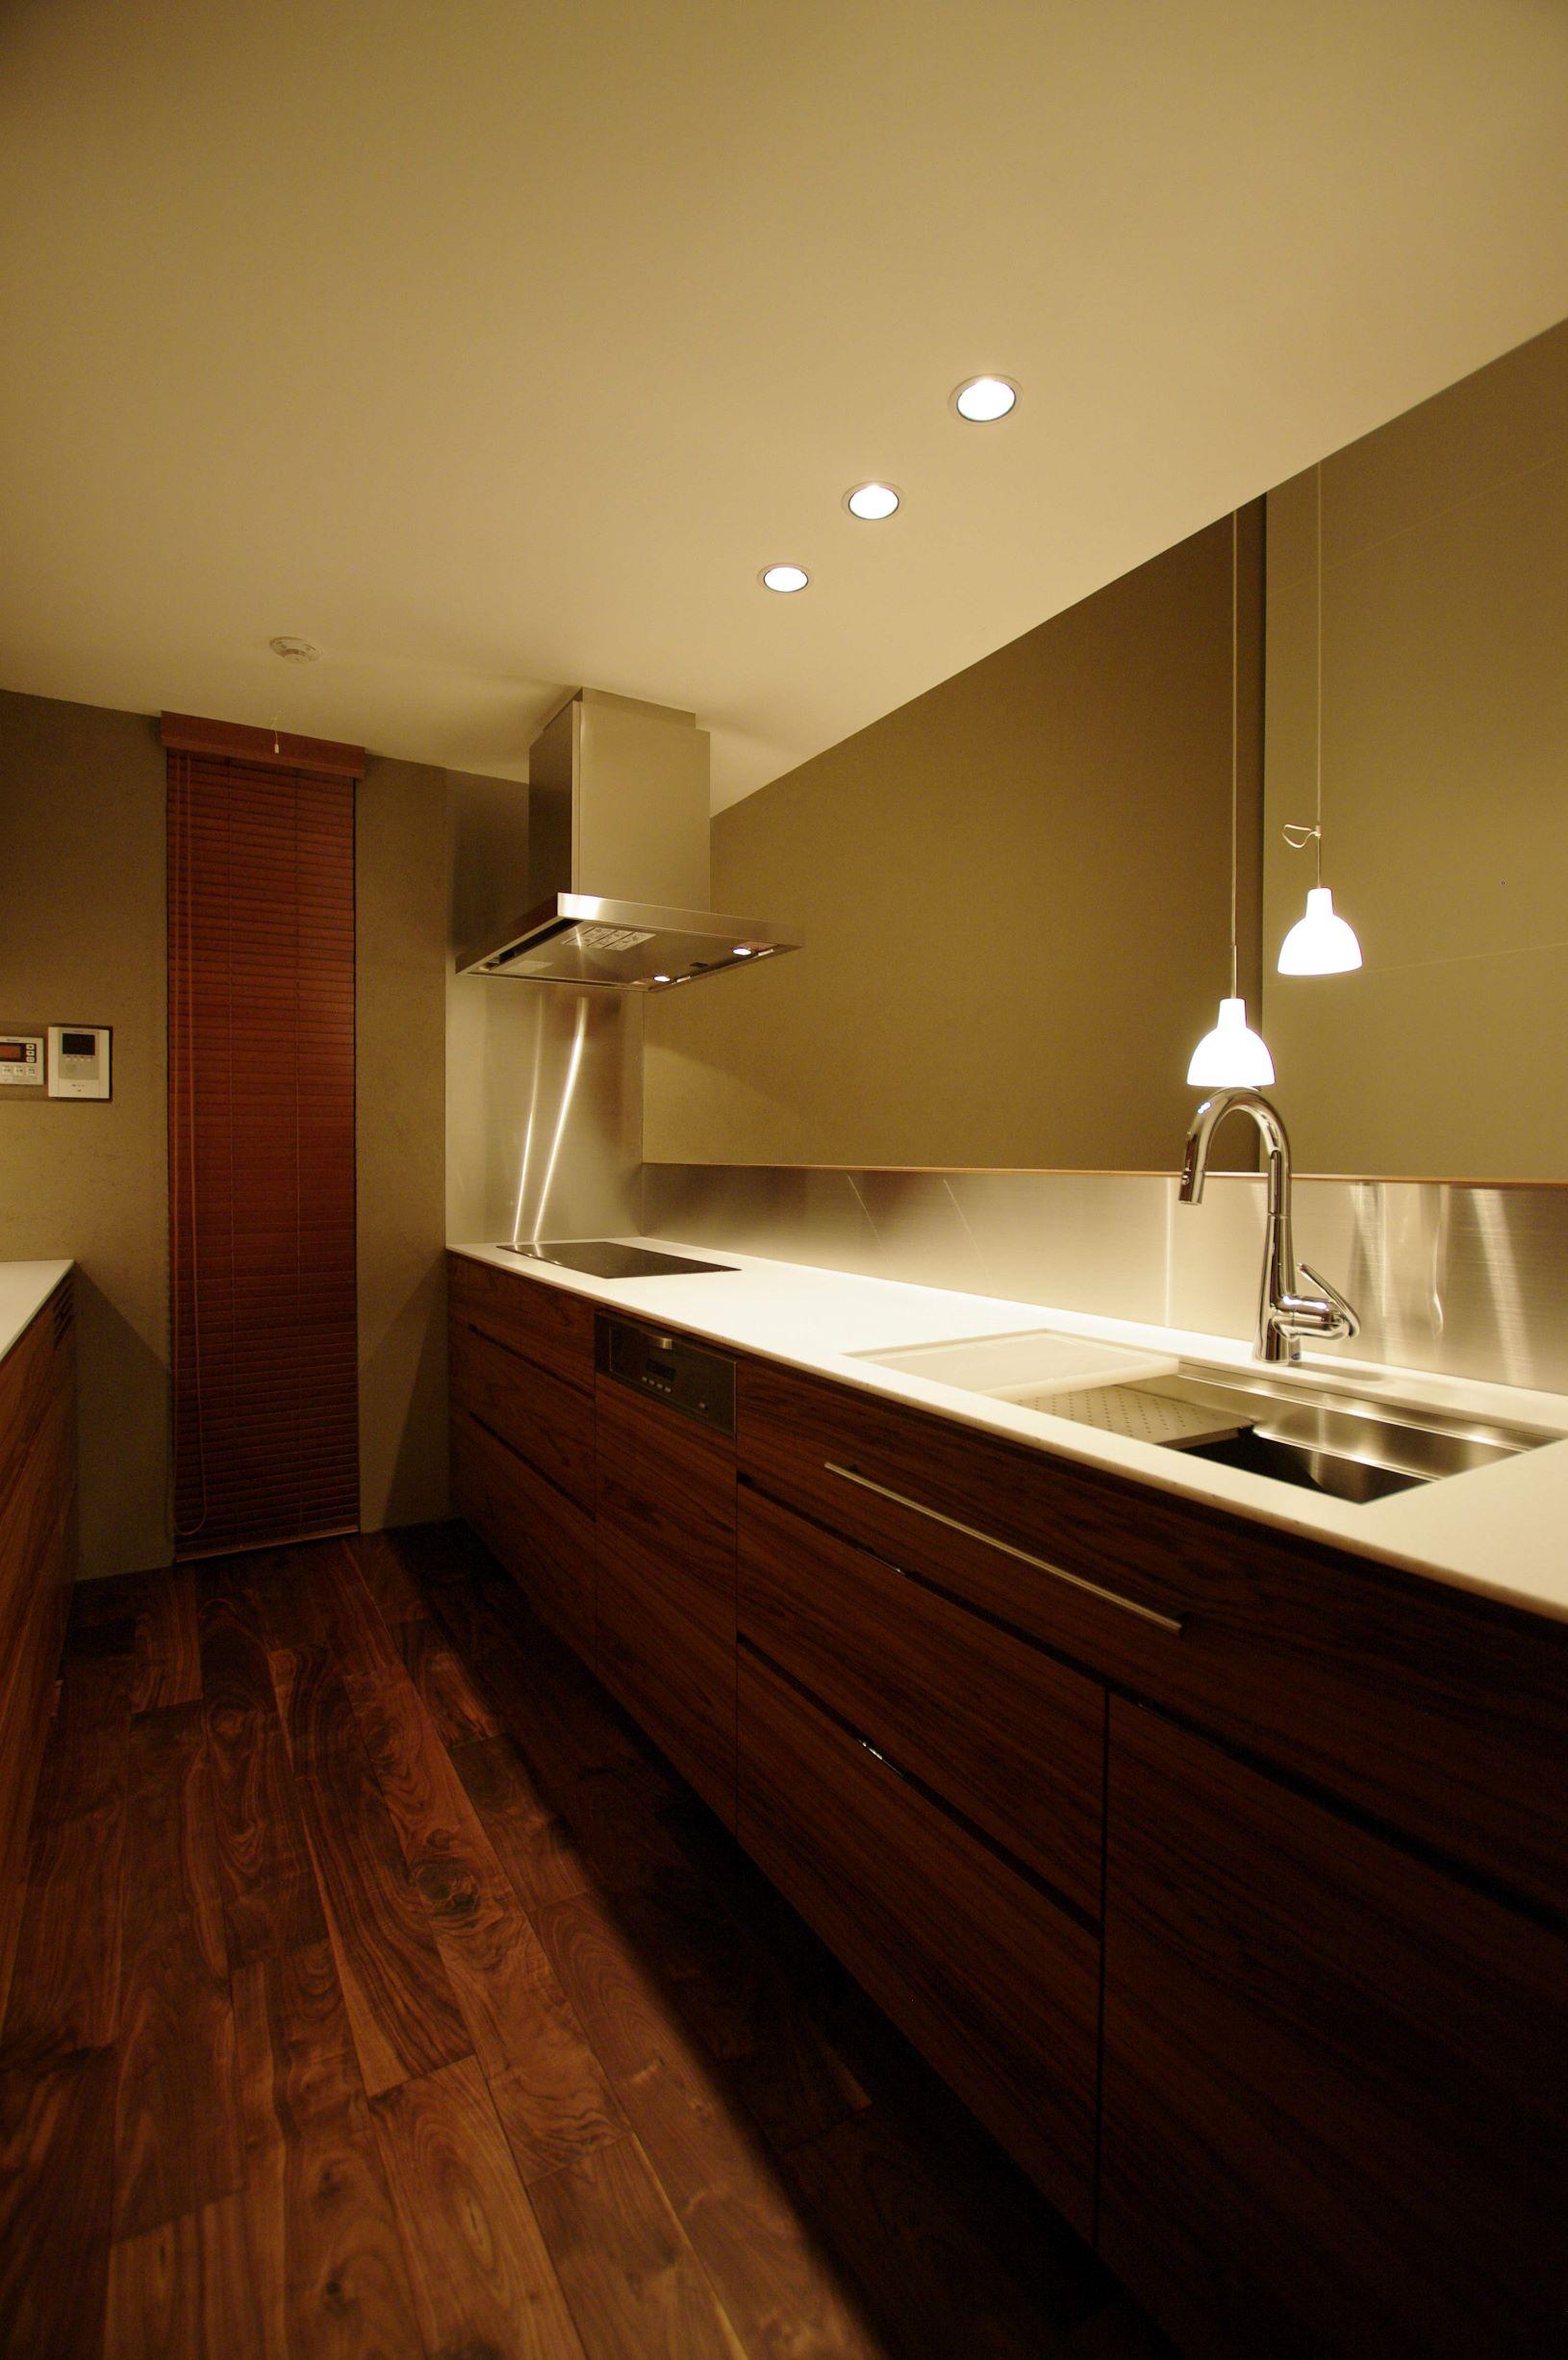 Kの家 キッチン